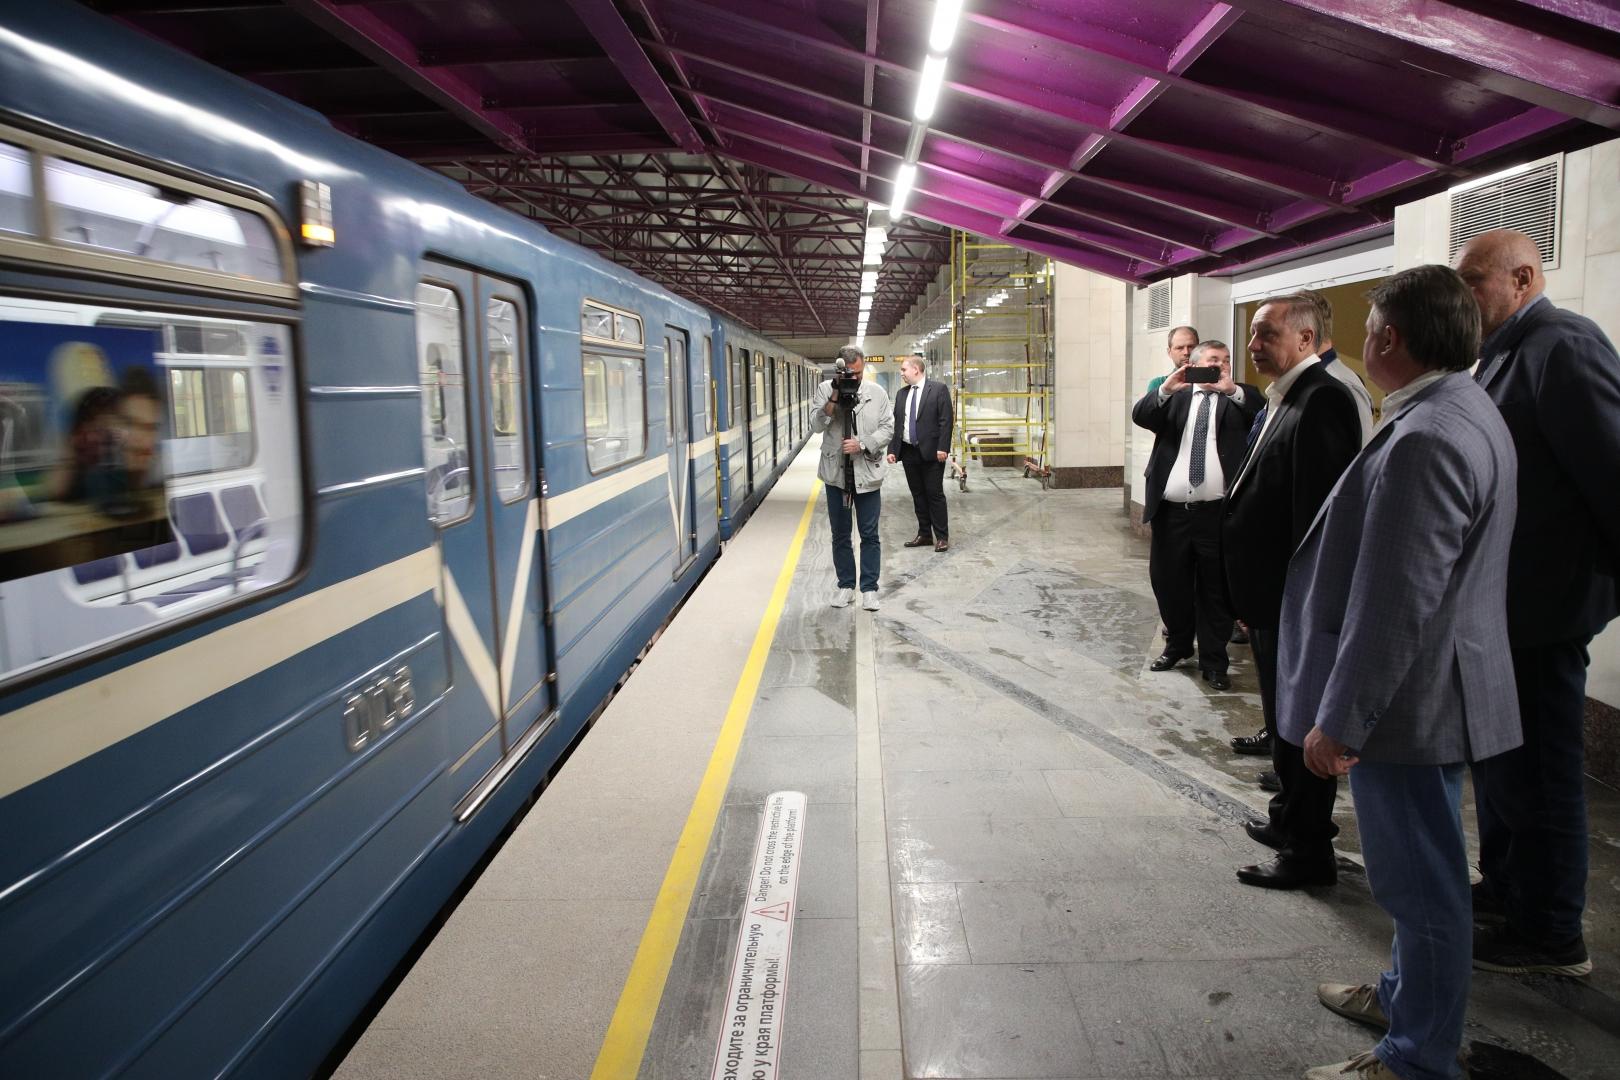 Беглов распорядился устранить недочёты к открытию новых станций метро